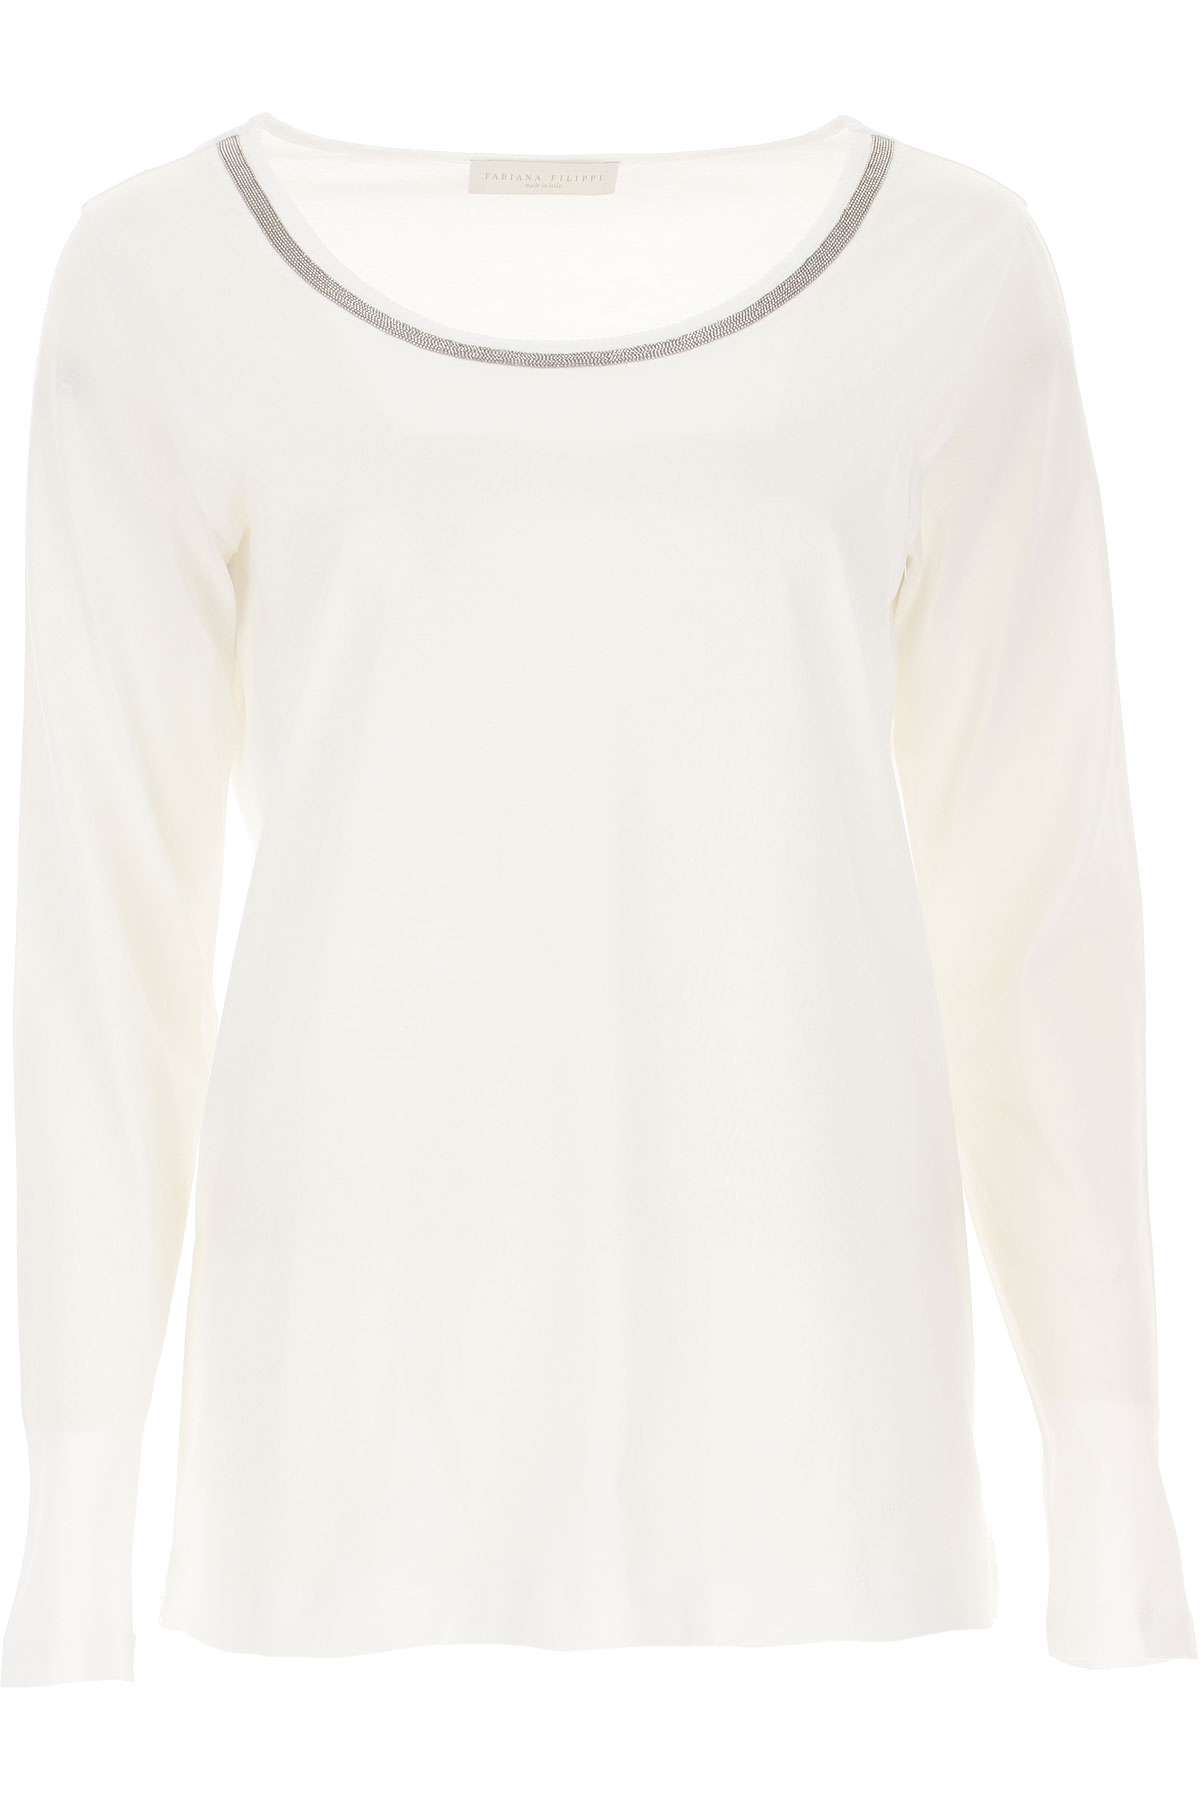 Fabiana Filippi T-shirt Femme Pas cher en Soldes, Blanc, Coton, 2019, 40 46